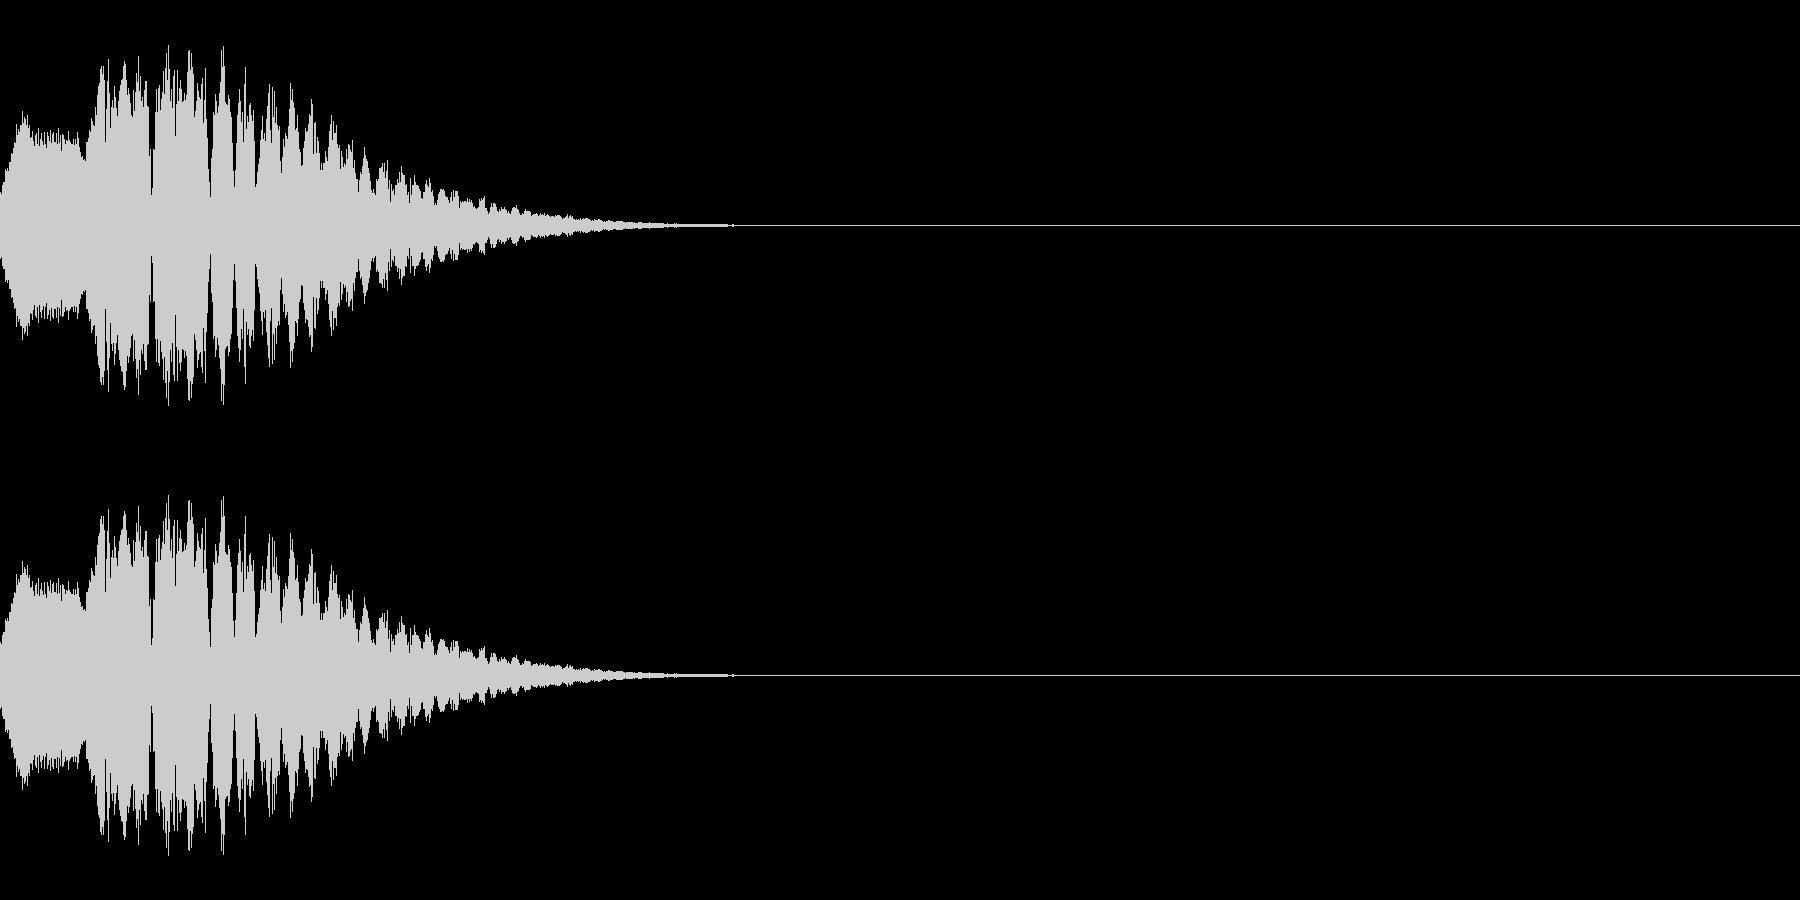 ポップな上昇系の効果音_その3の未再生の波形